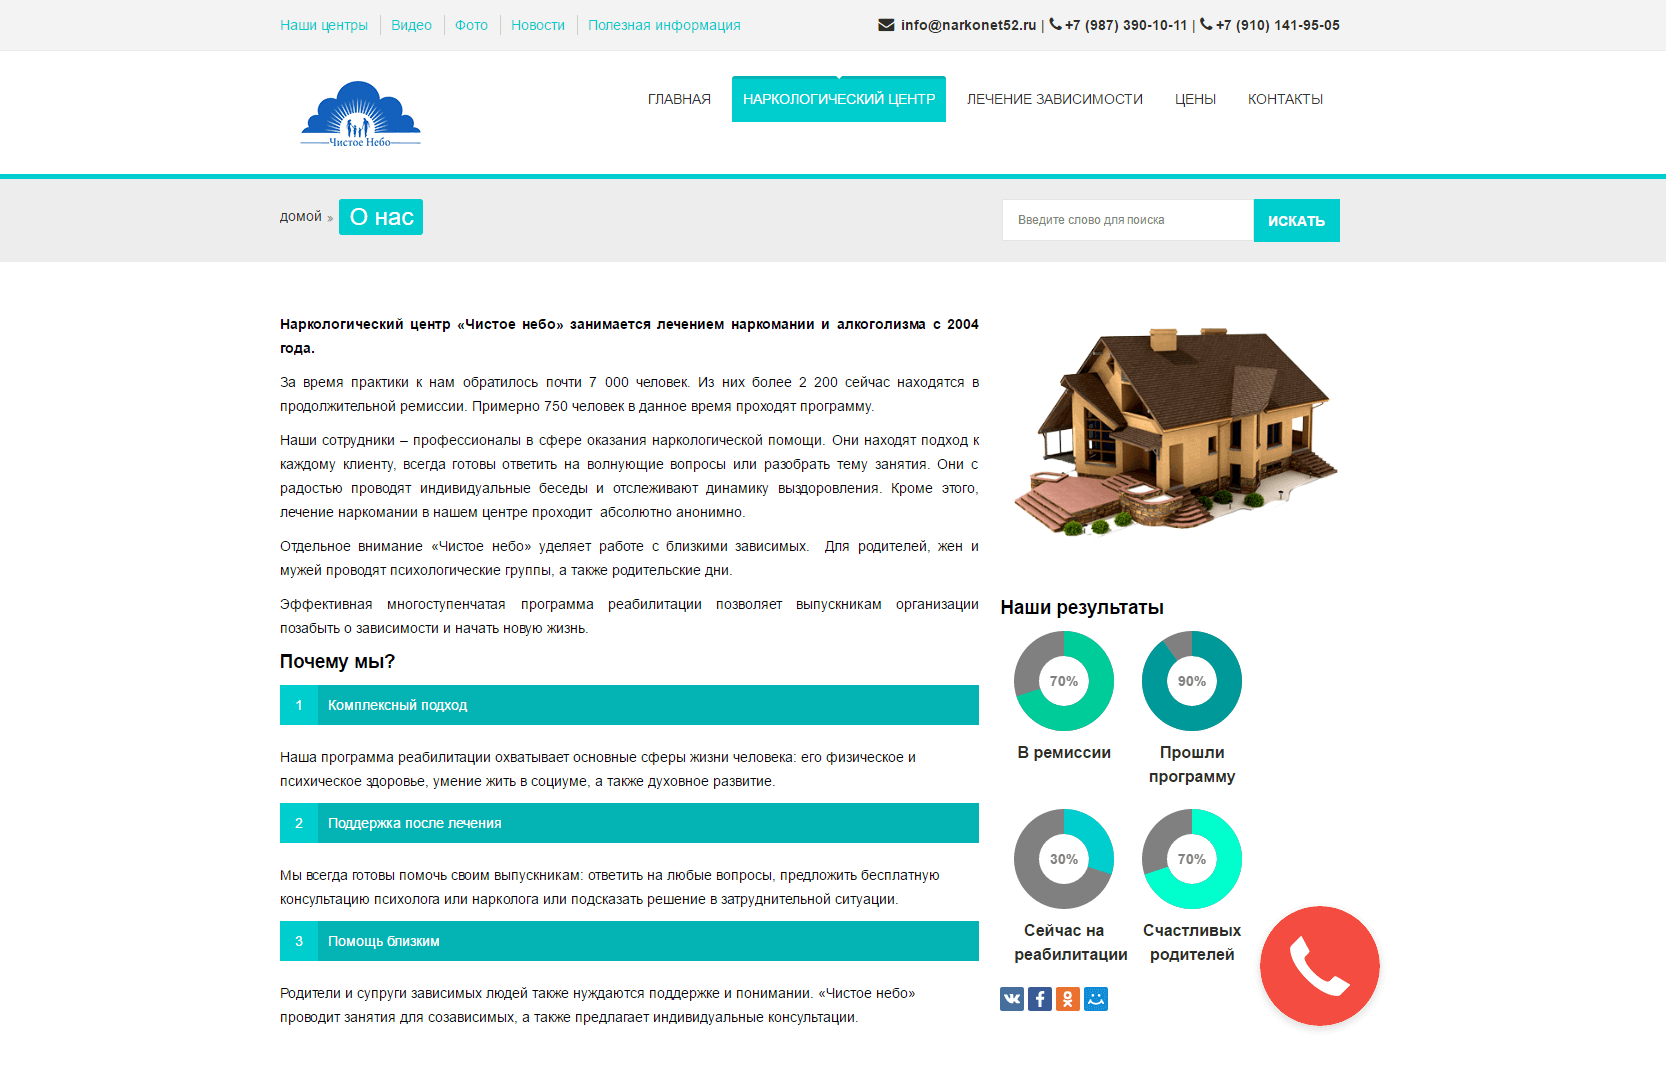 Разработка сайта для центра наркологии